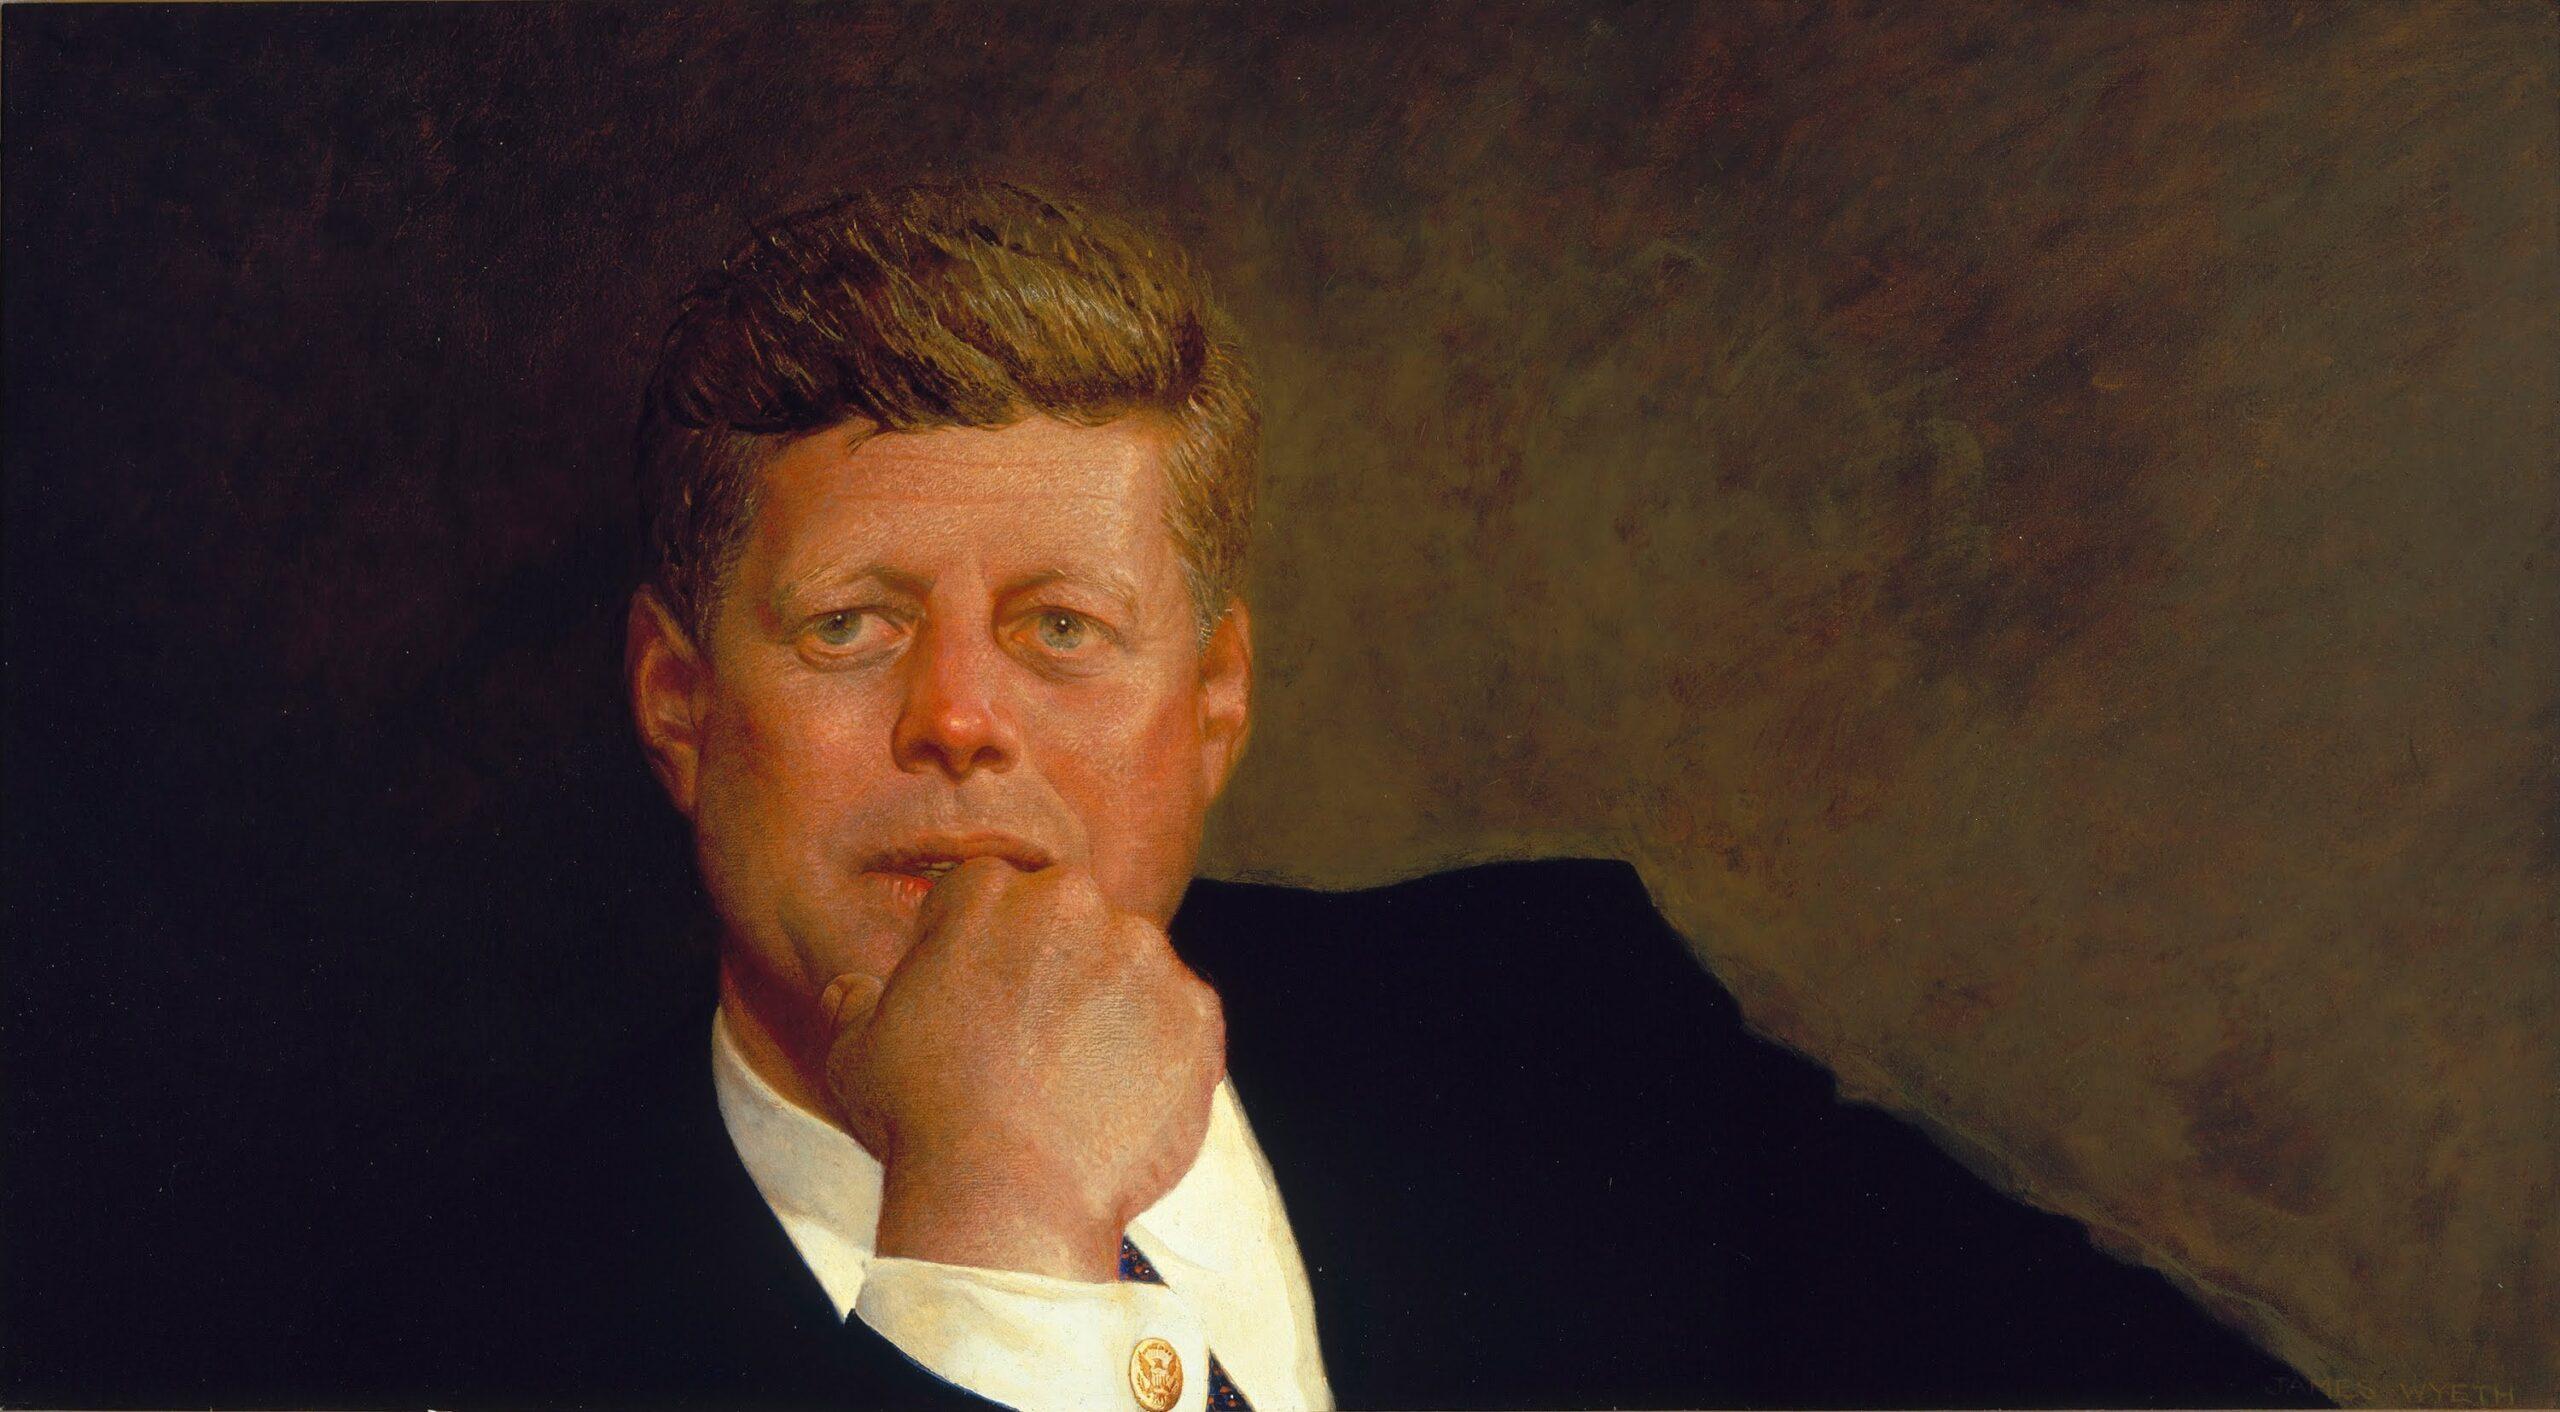 Una exposición conmemora los 100 años del nacimiento de Kennedy